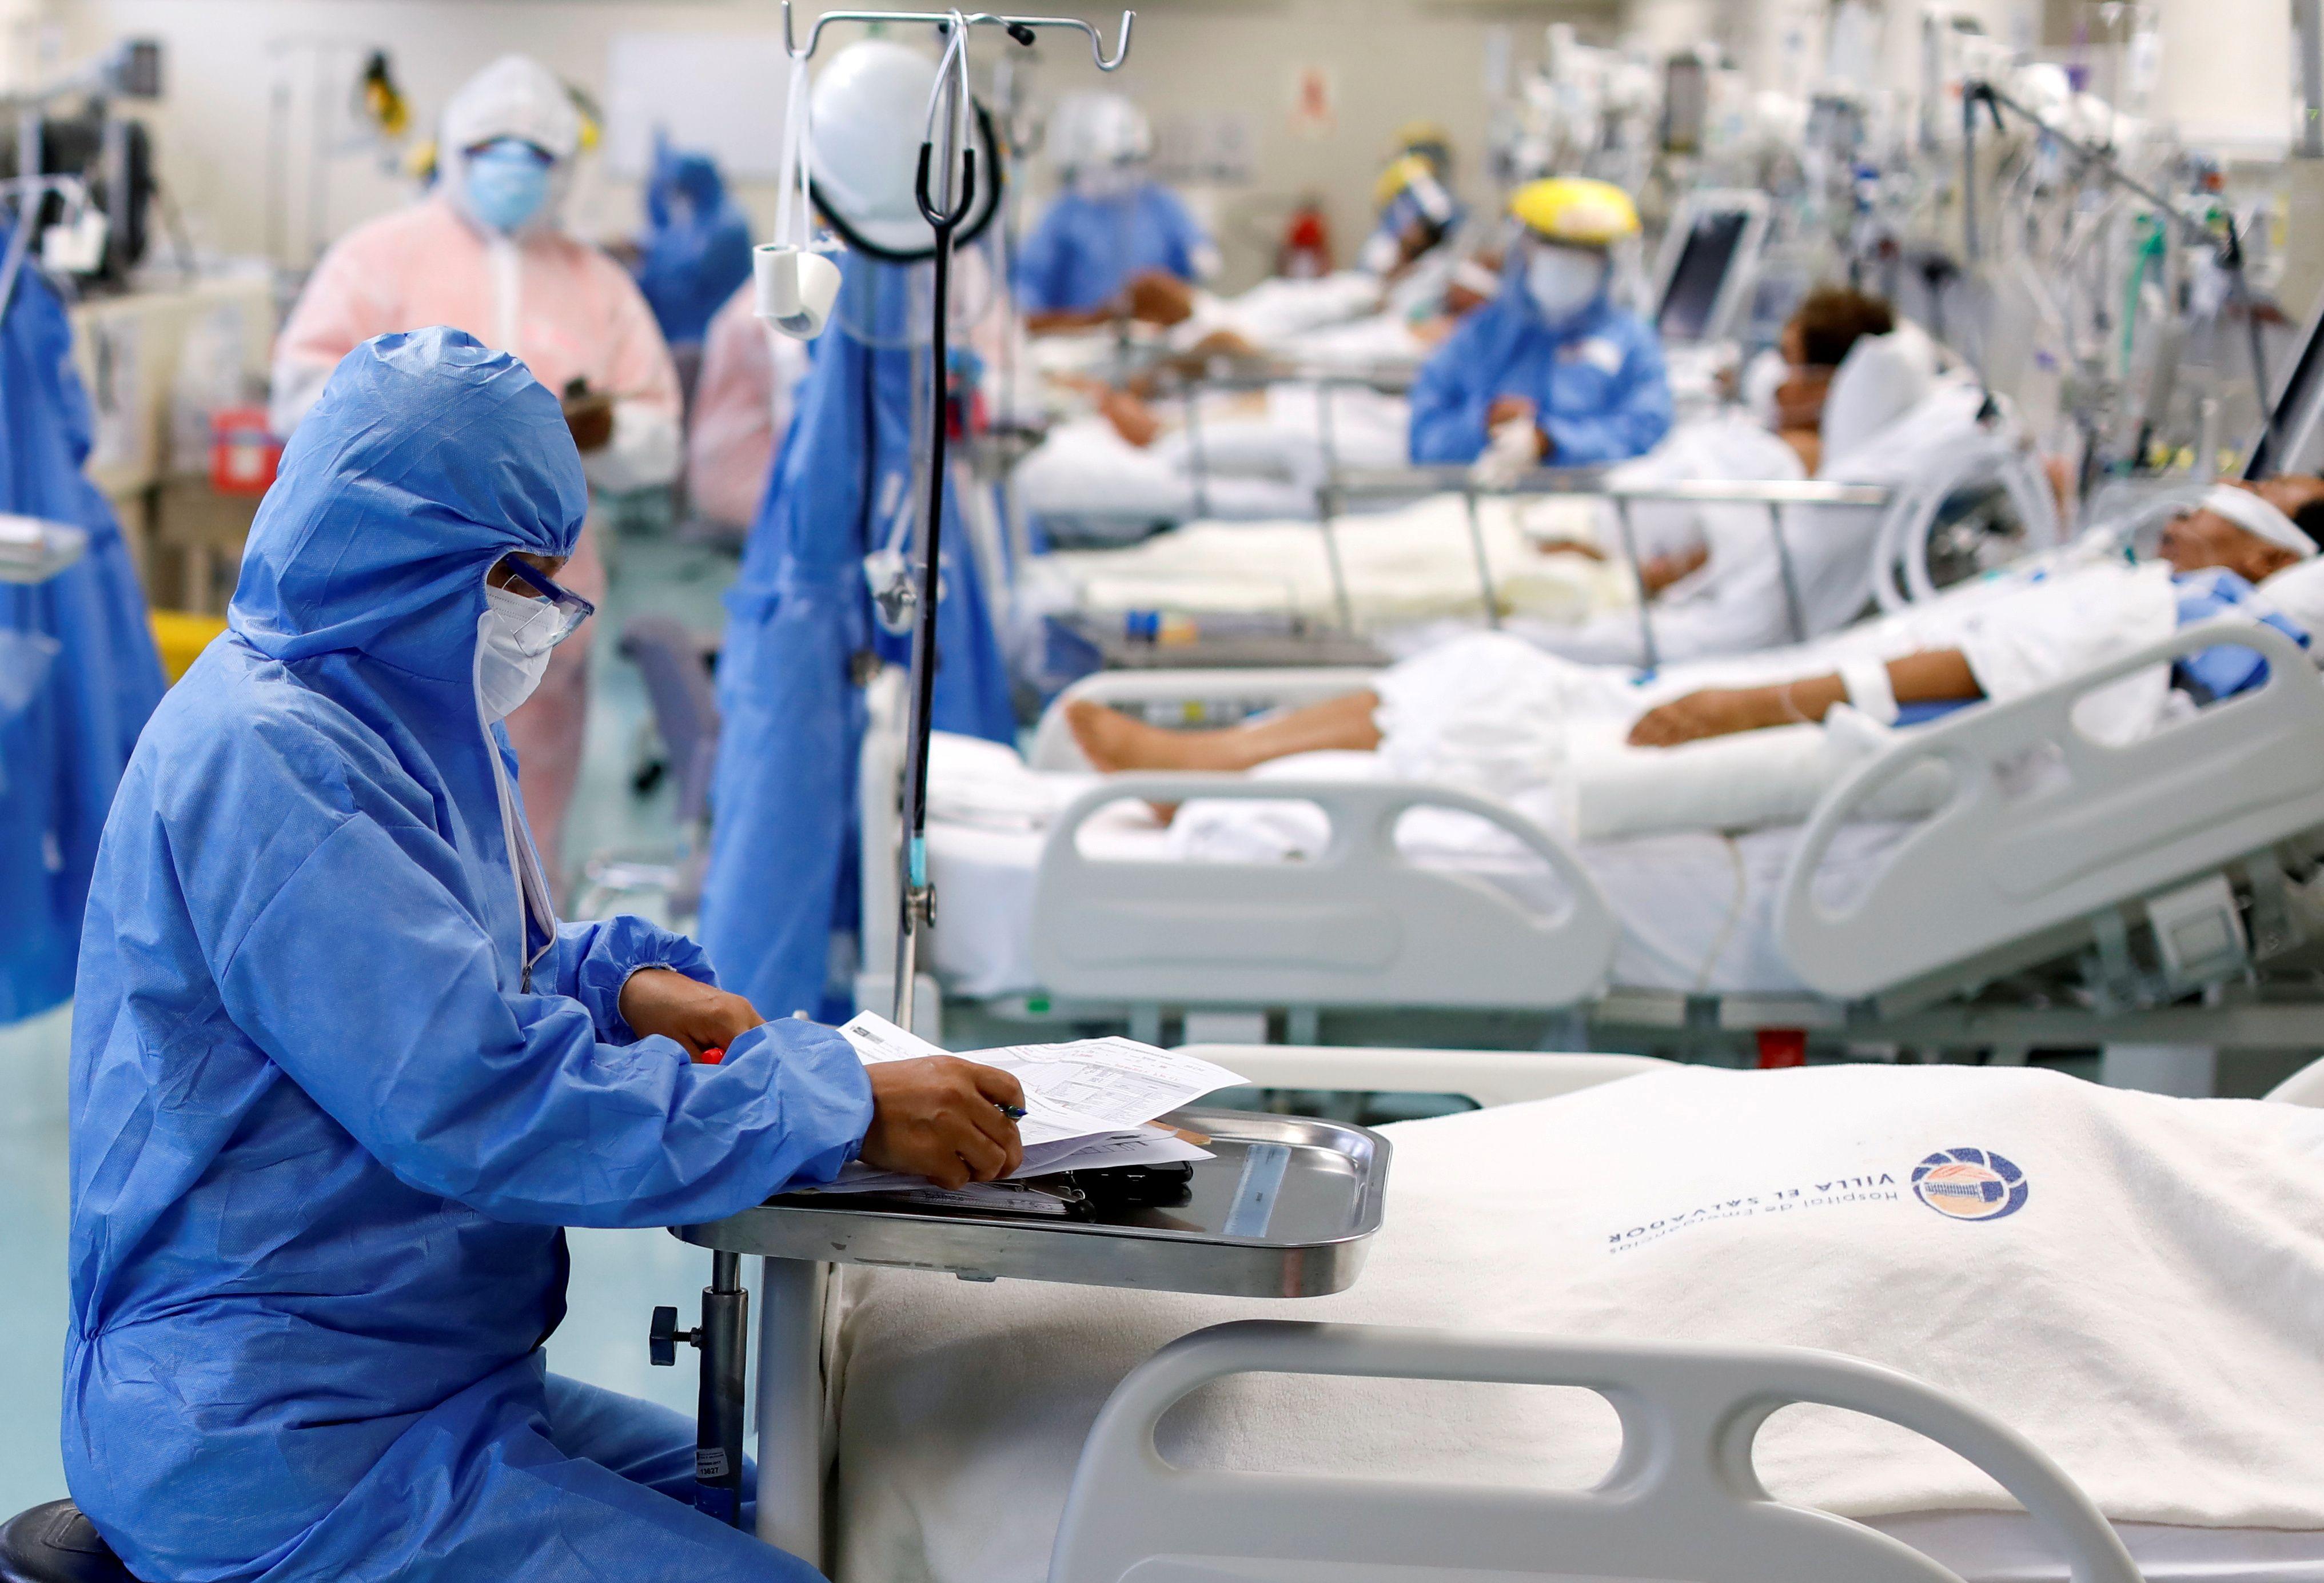 Los datos, de alrededor de 800 pacientes con COVID-19 gravemente enfermos que participaron en un estudio internacional conocido como ensayo REMAP-CAP mostraron que los dos fármacos redujeron las tasas de mortalidad REUTERS/Angela Ponce